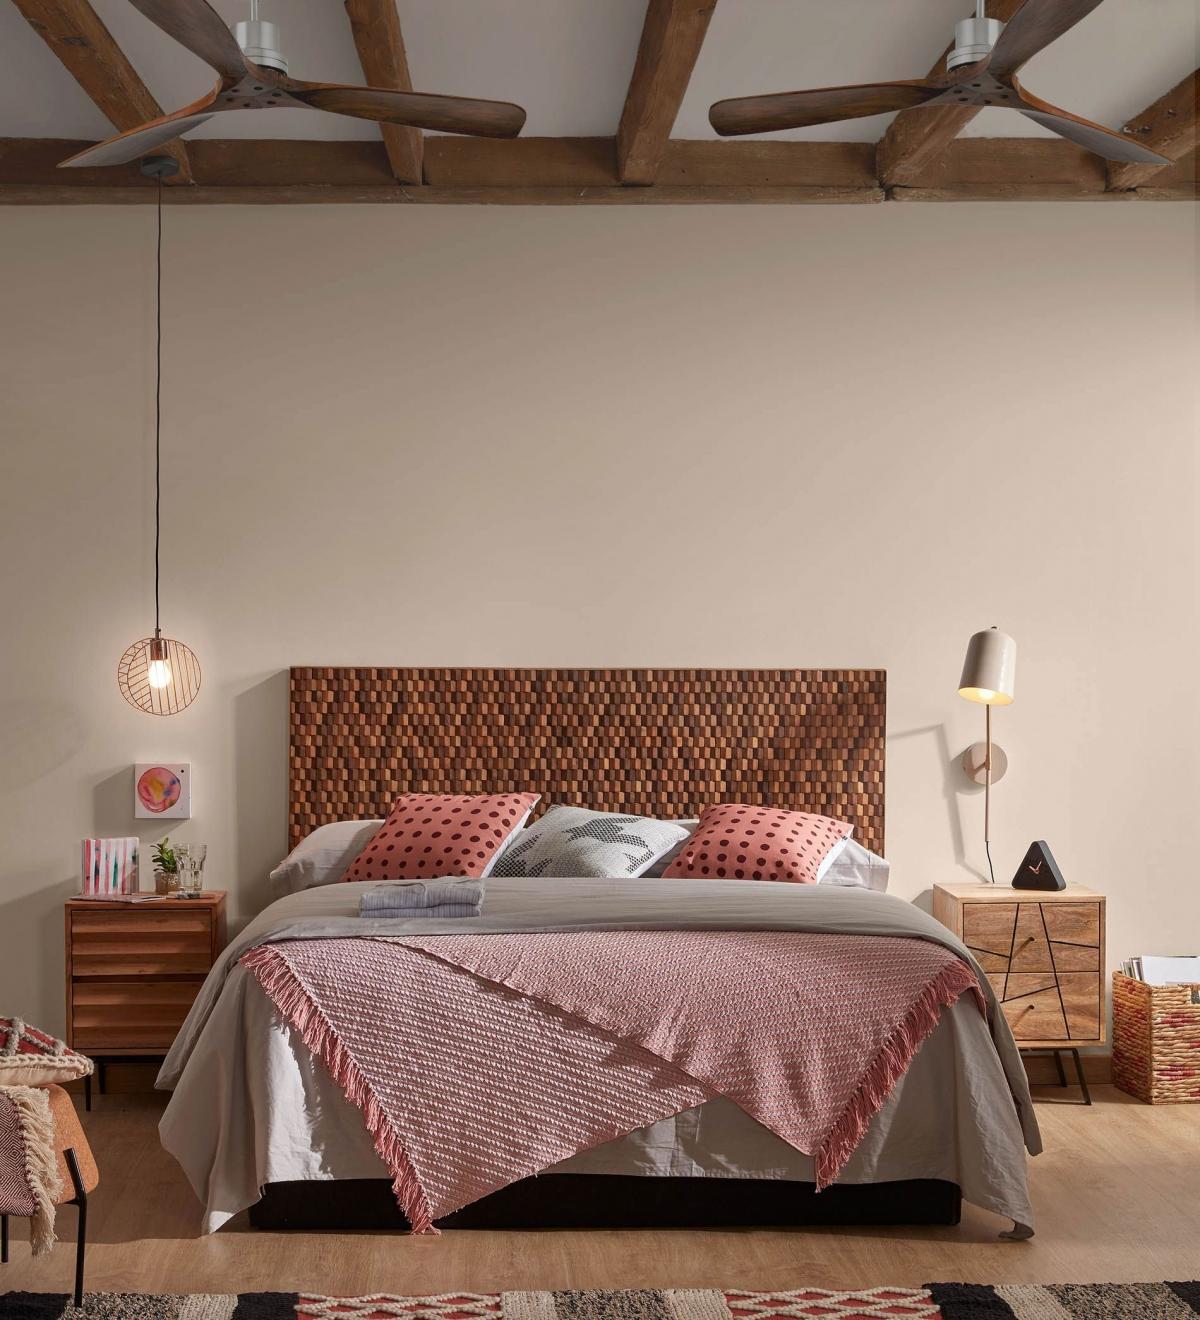 Тёплый и уютный интерьер спальни для ценителей умиротворенного отдыха дома